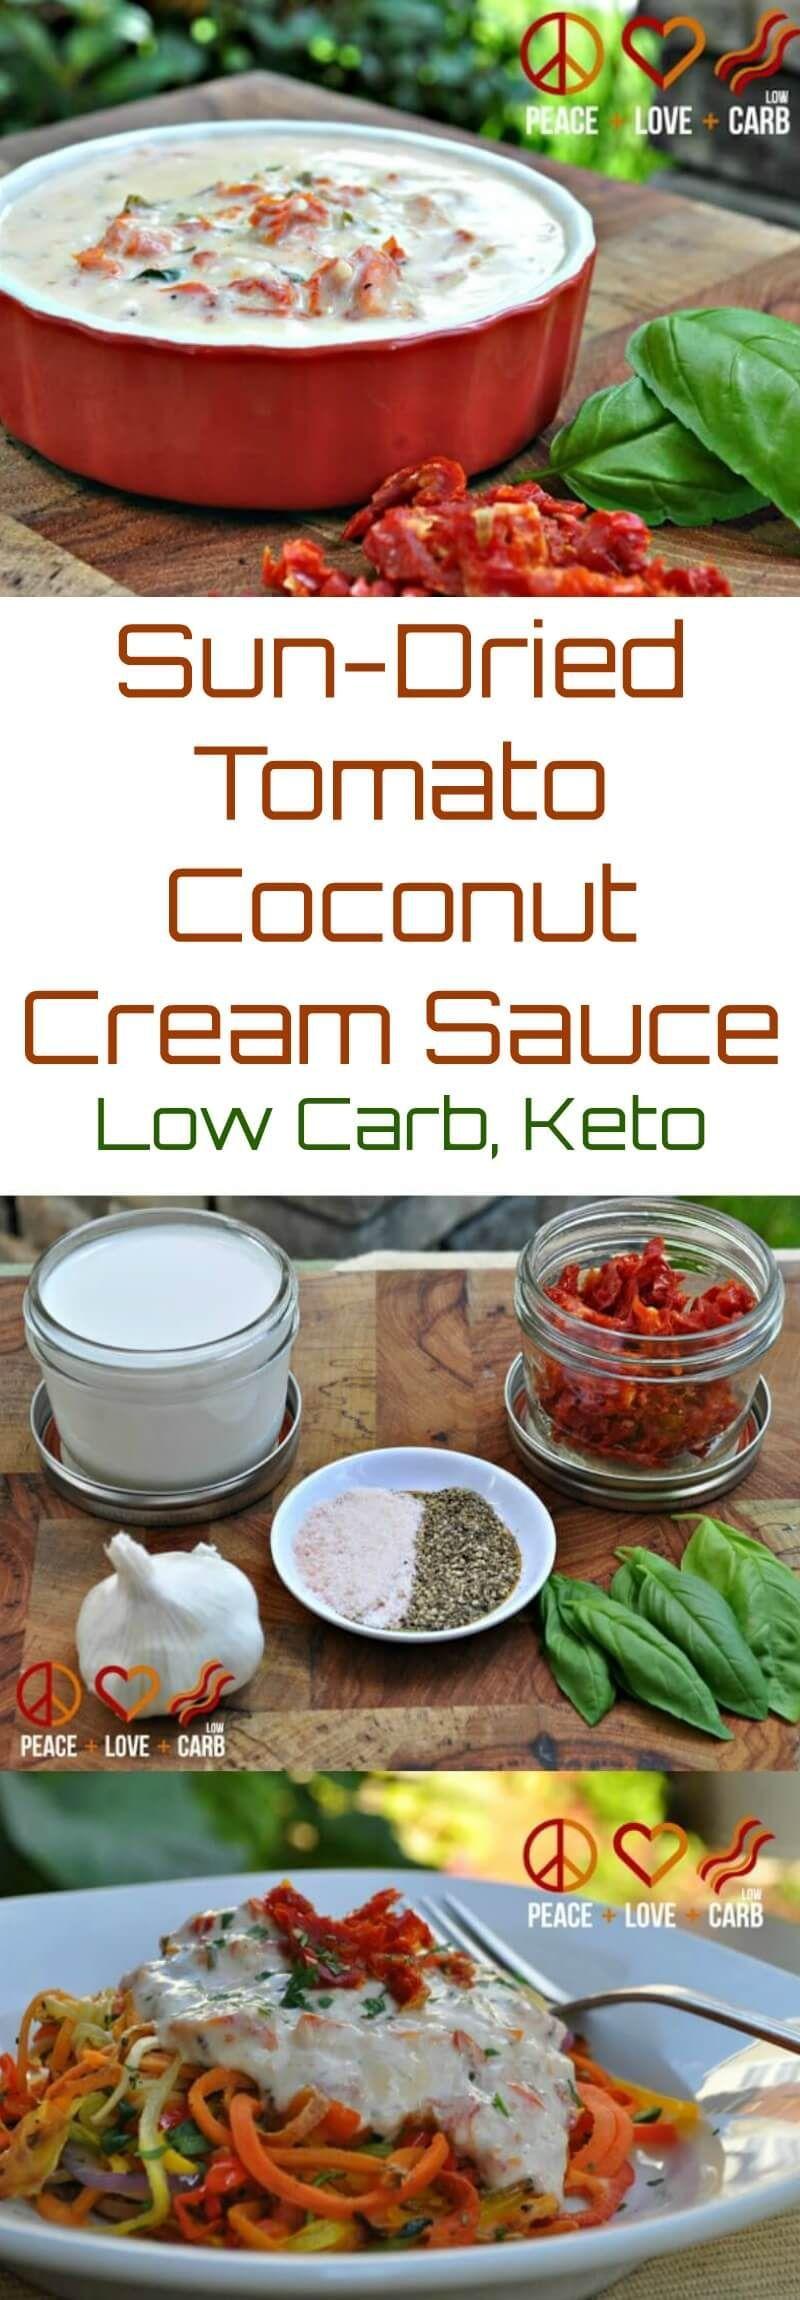 Sun Dried Tomato Cream Sauce #tomatocreamsauces